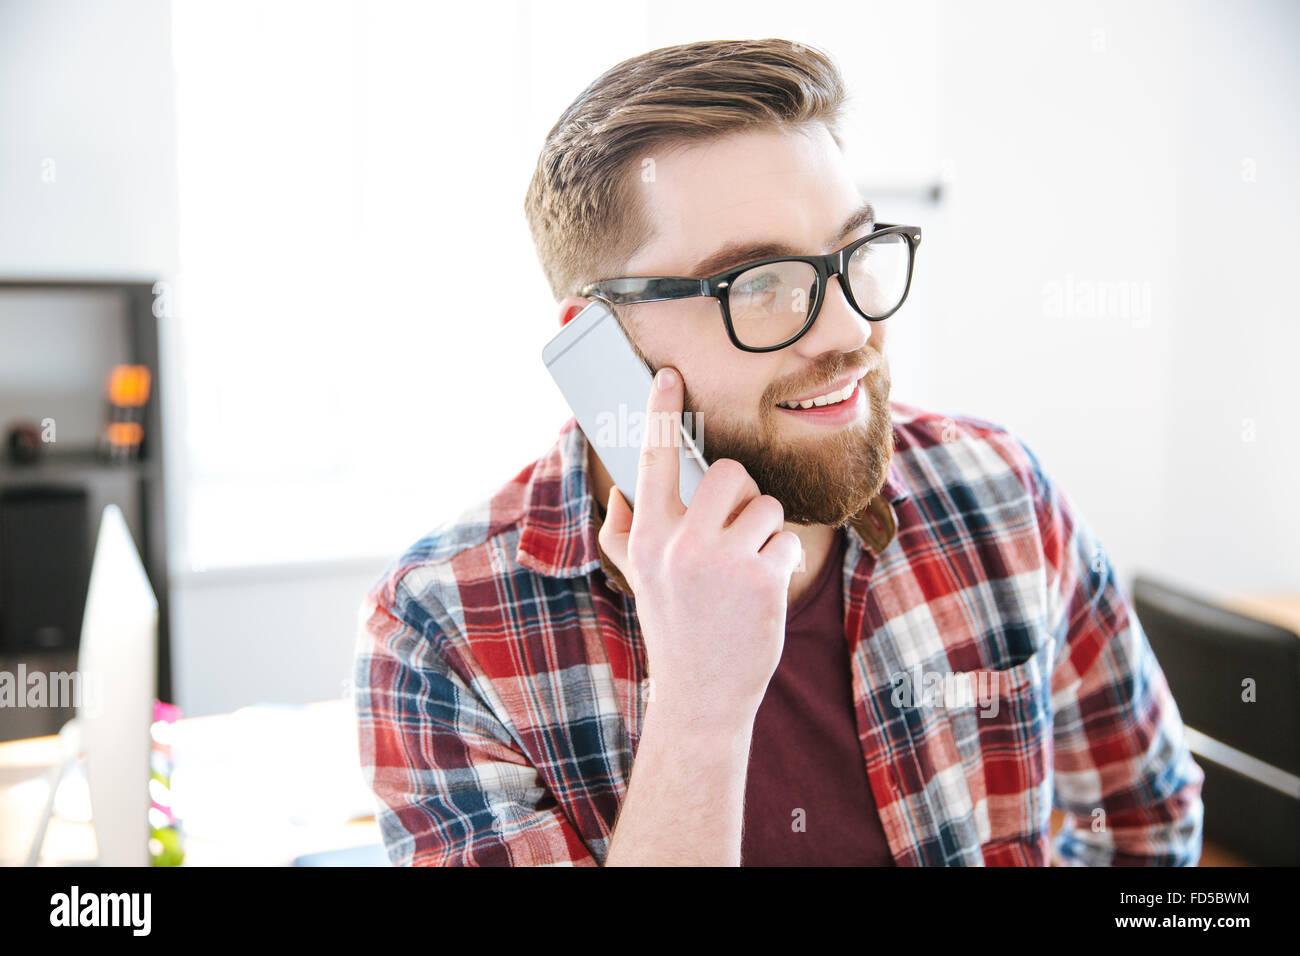 Glücklich attraktiven jungen Mann mit Bart im karierten Hemd und Brille reden über Handy im Büro Stockbild